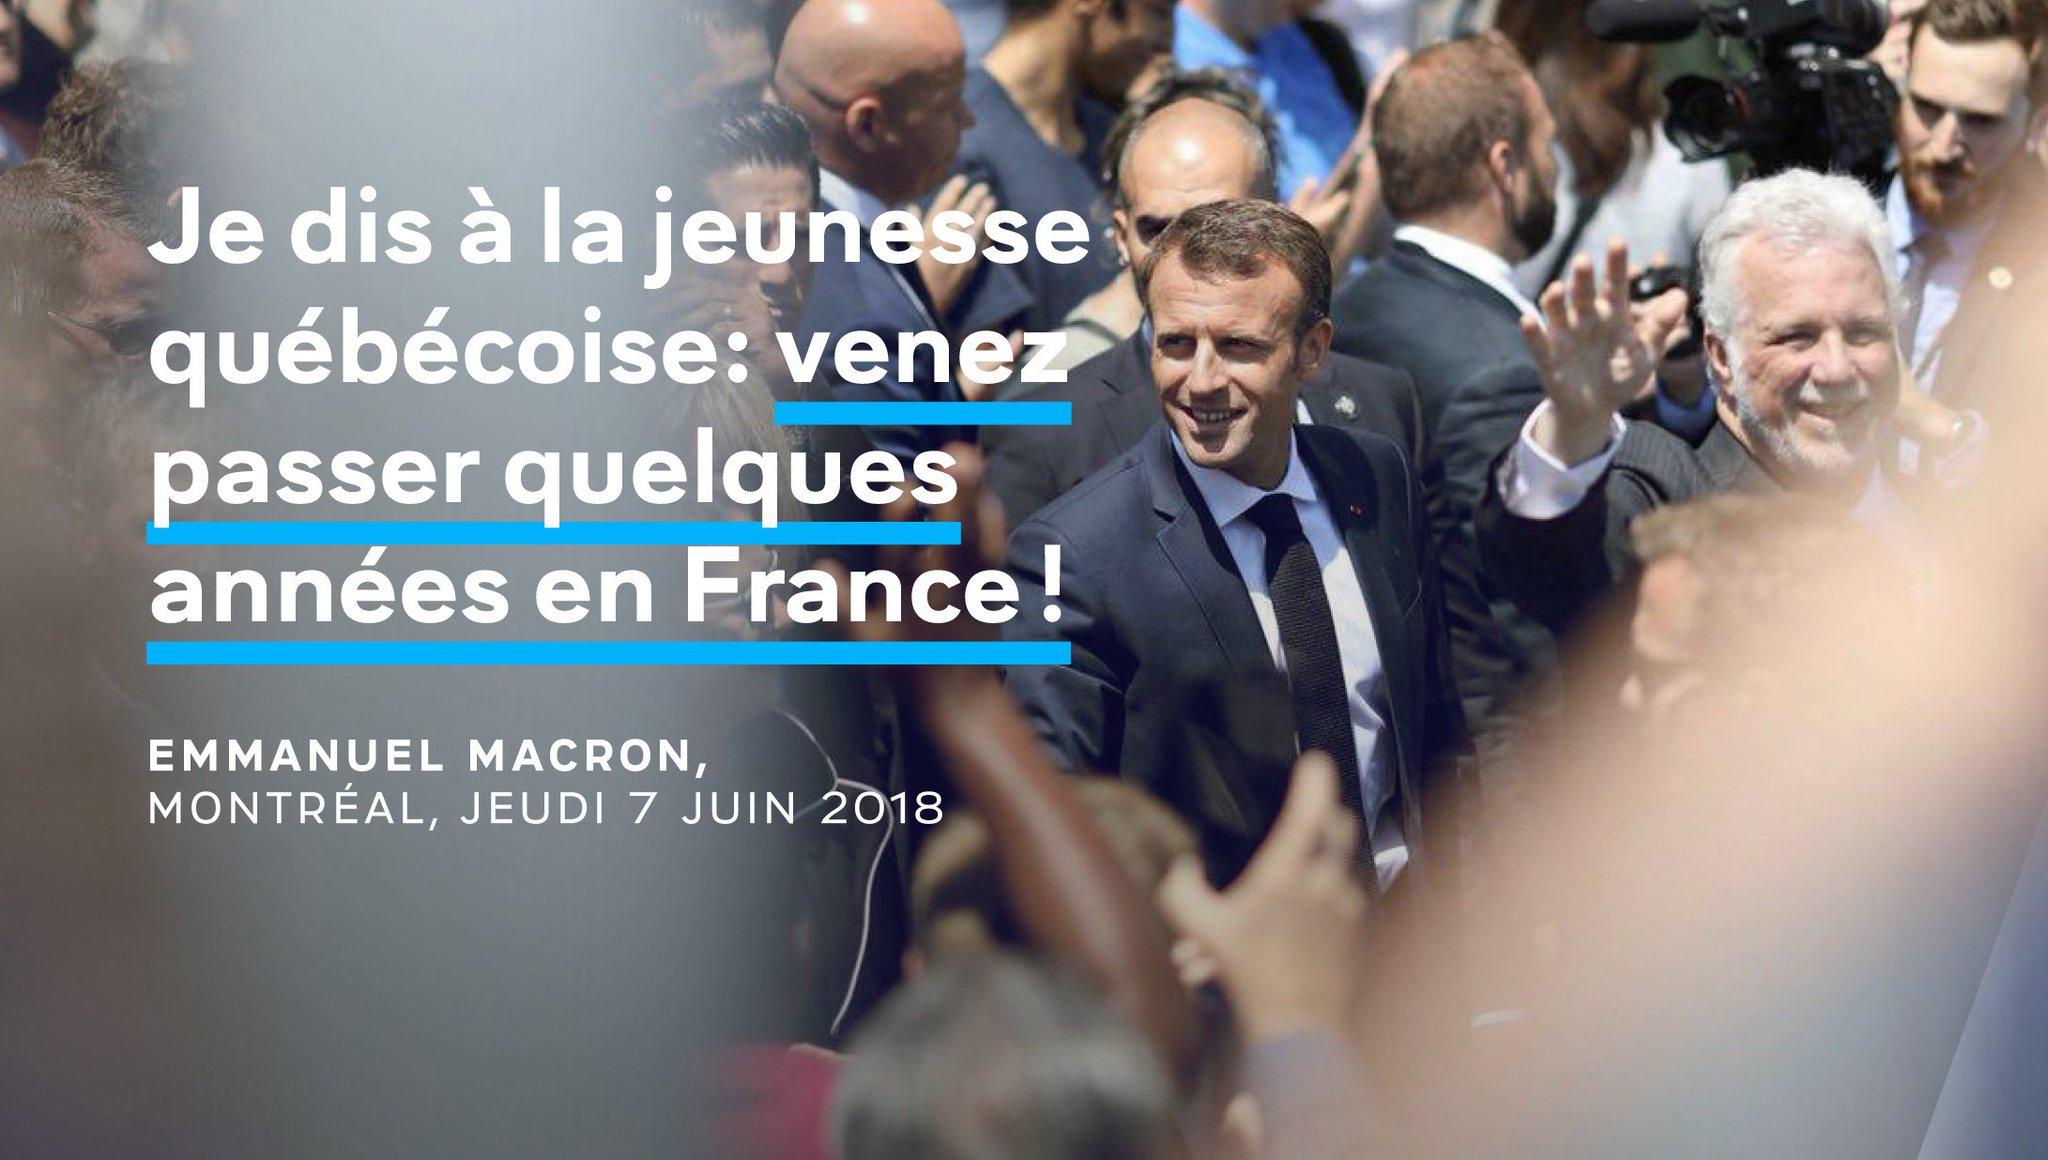 C'est une porte pour l'Europe. https://t.co/nXKn8NlG9L